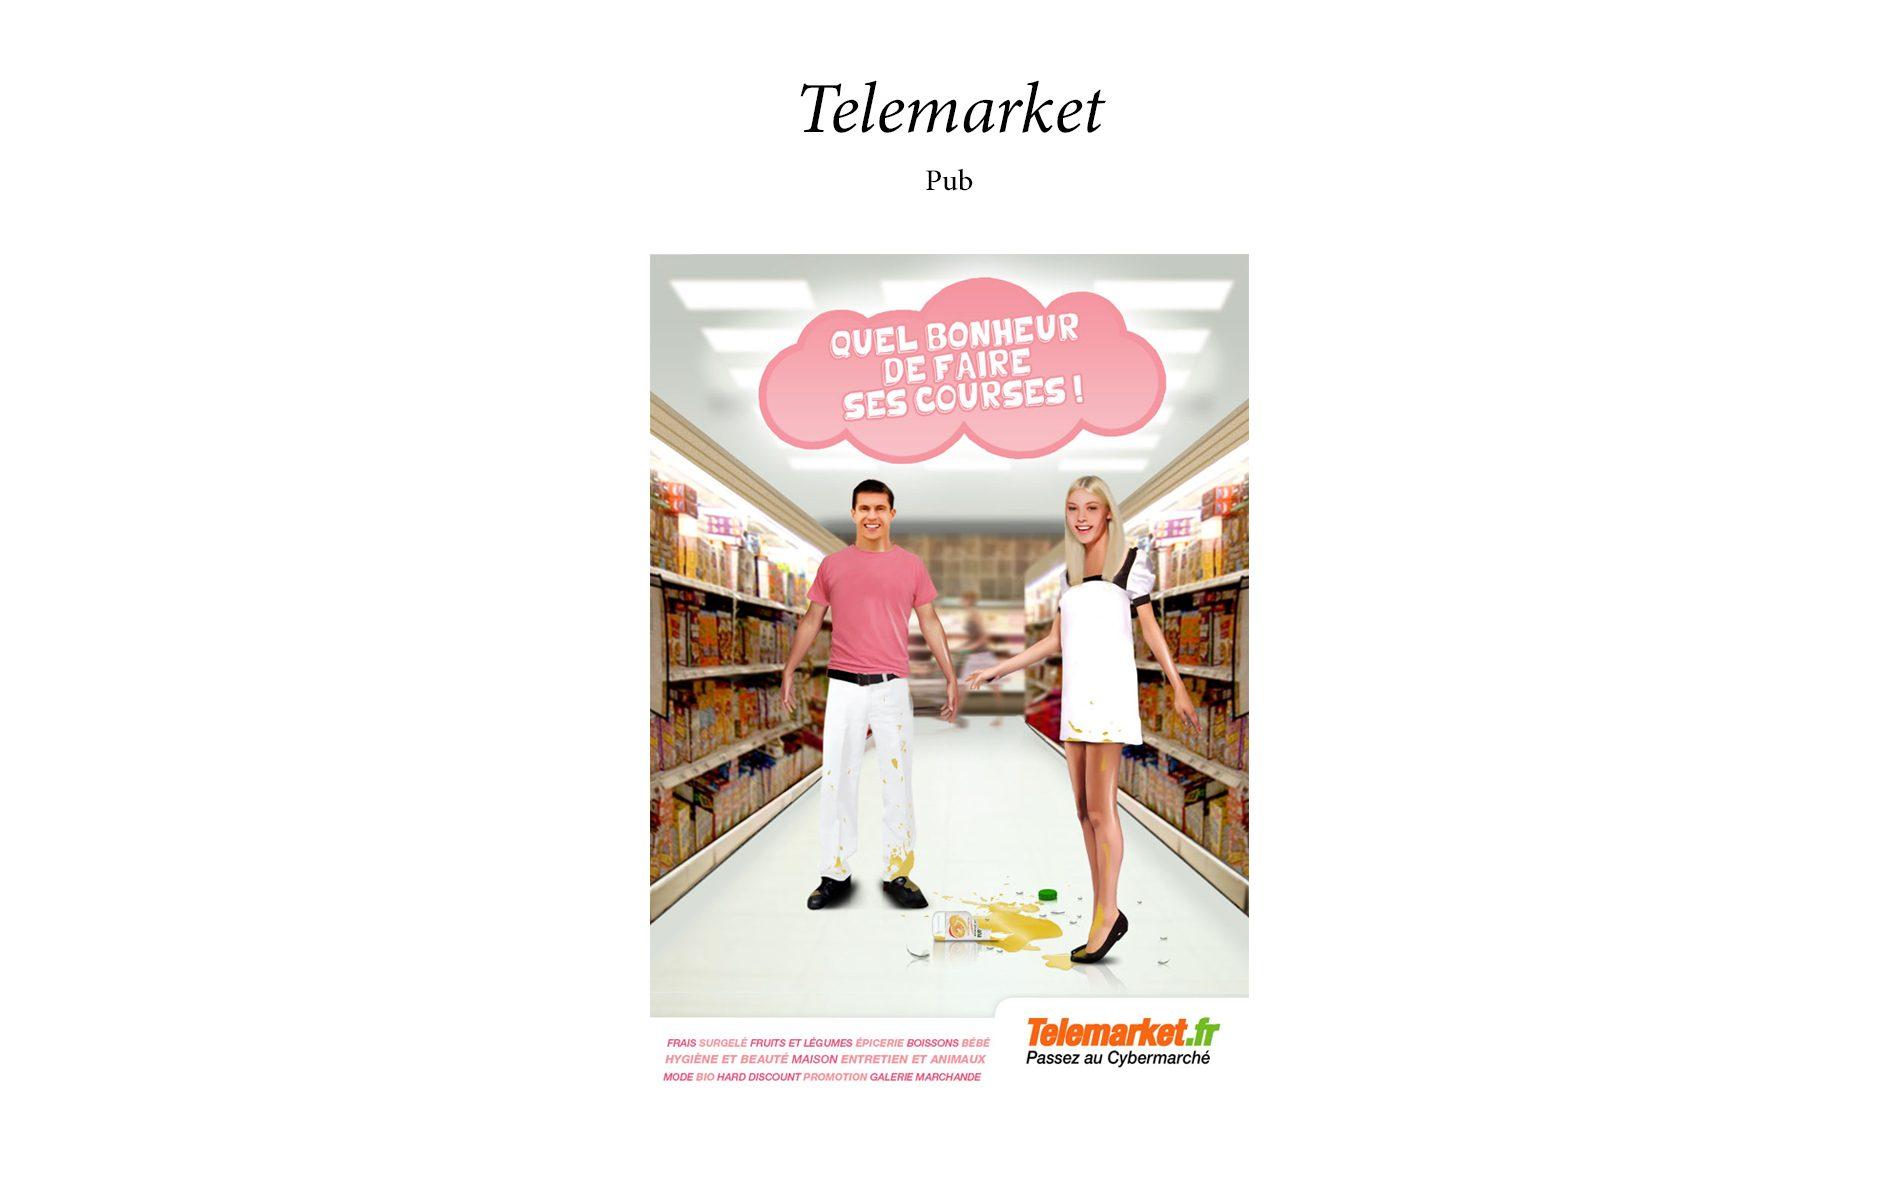 telemarket_02